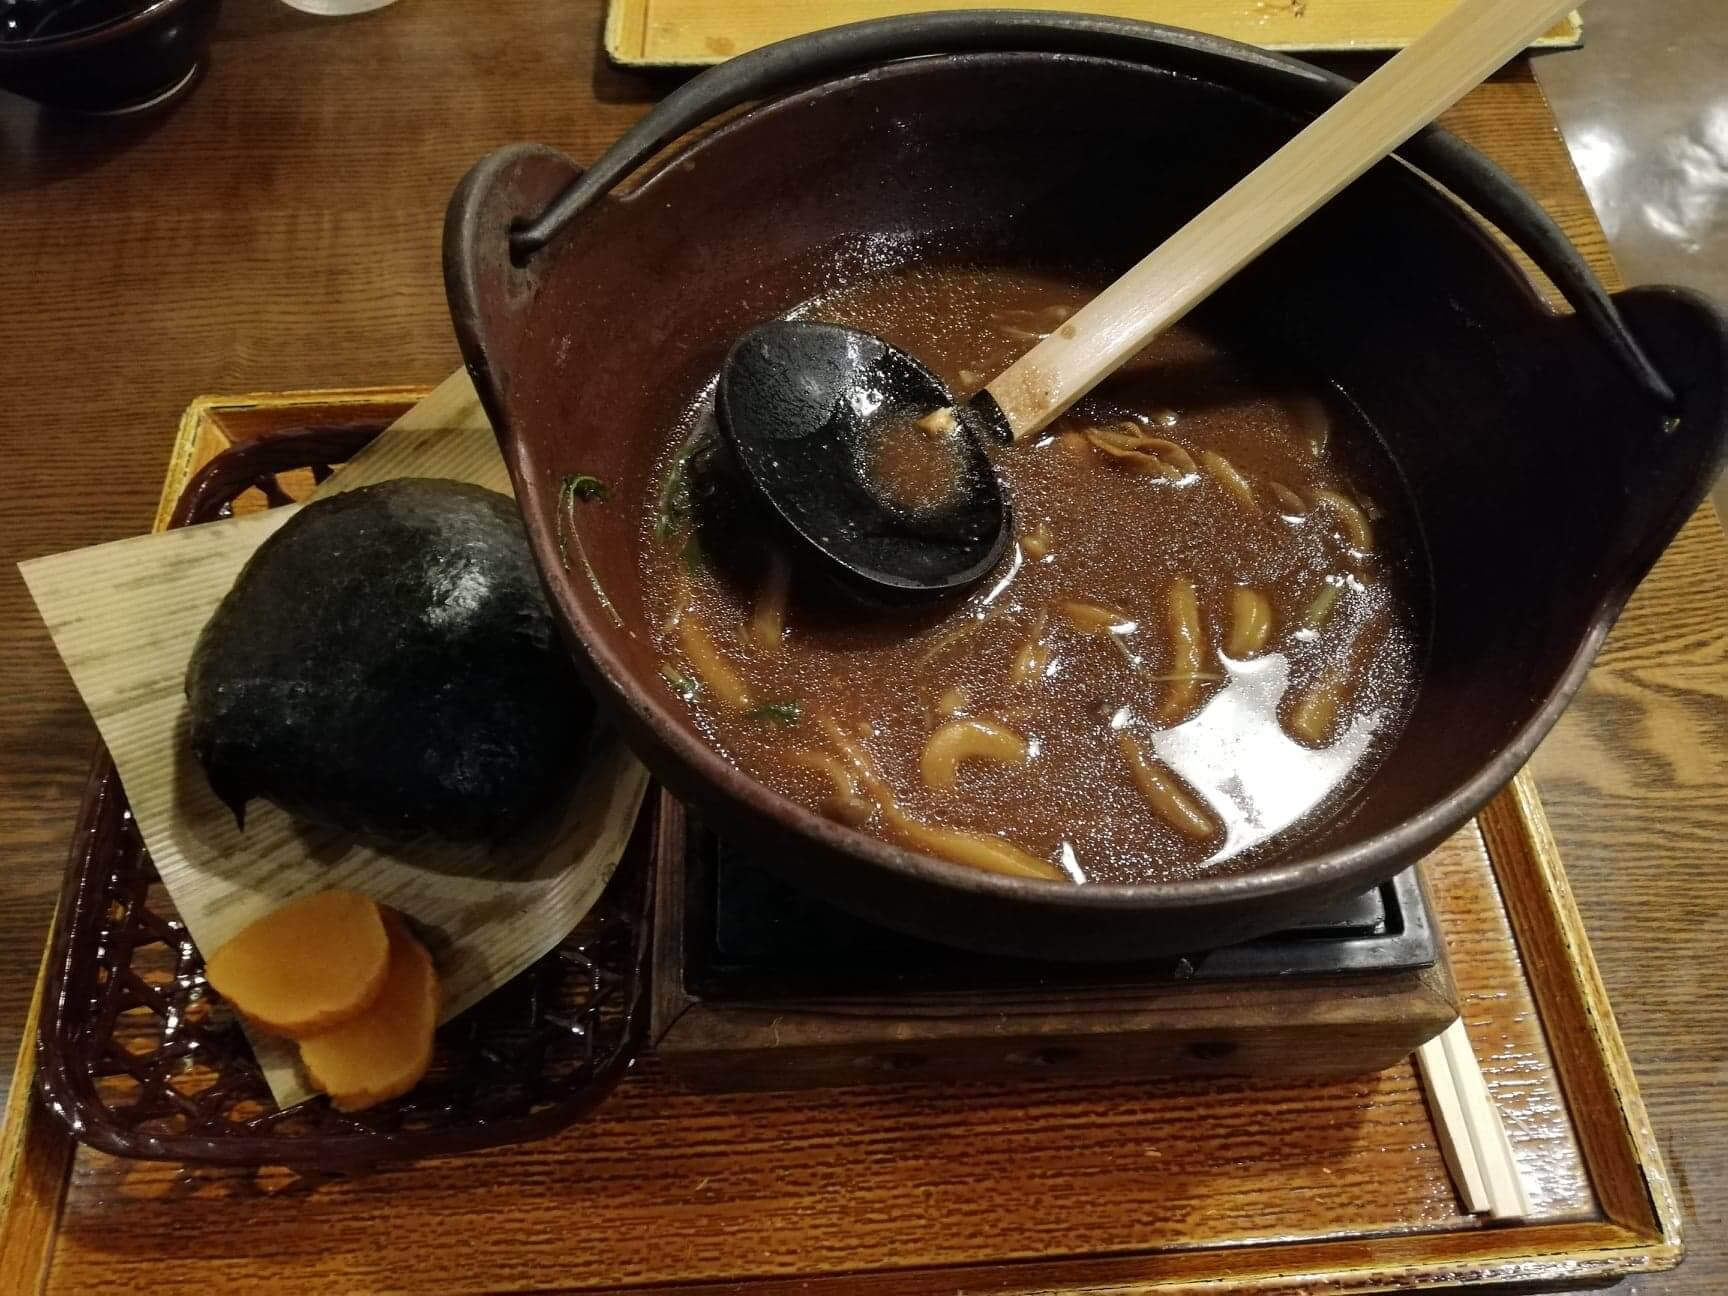 広島県の前空駅『田舎茶屋わたや大野店』の残りのスープの写真